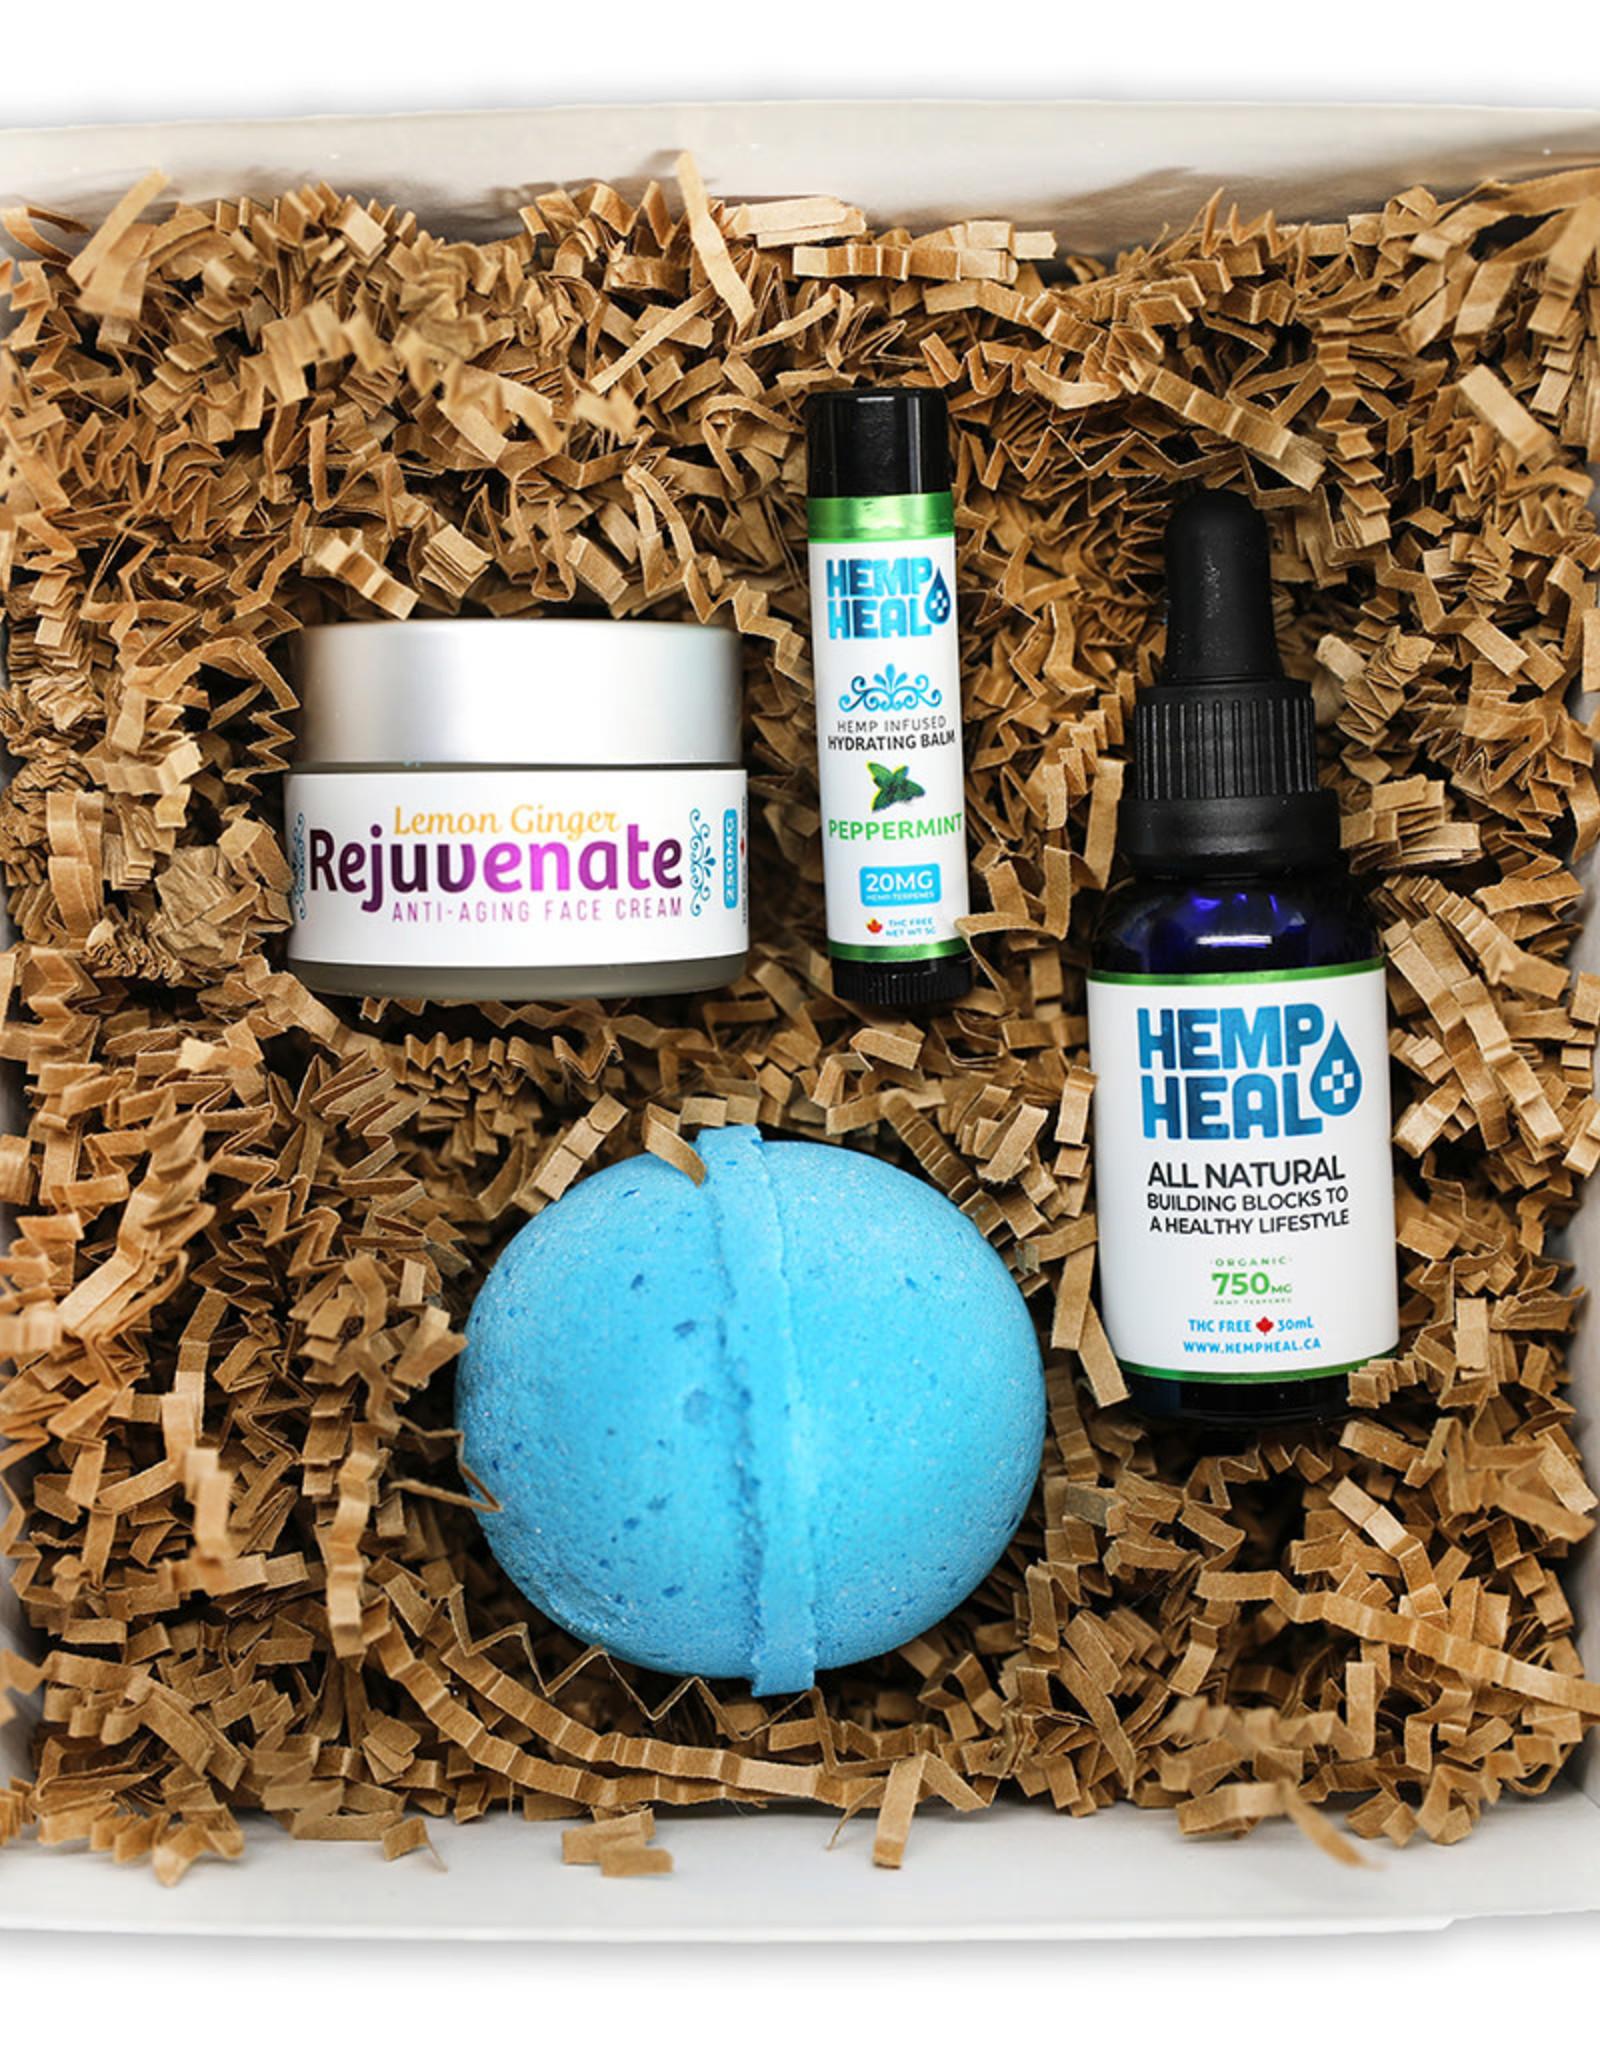 Hemp Heal Hemp Heal Gift Box